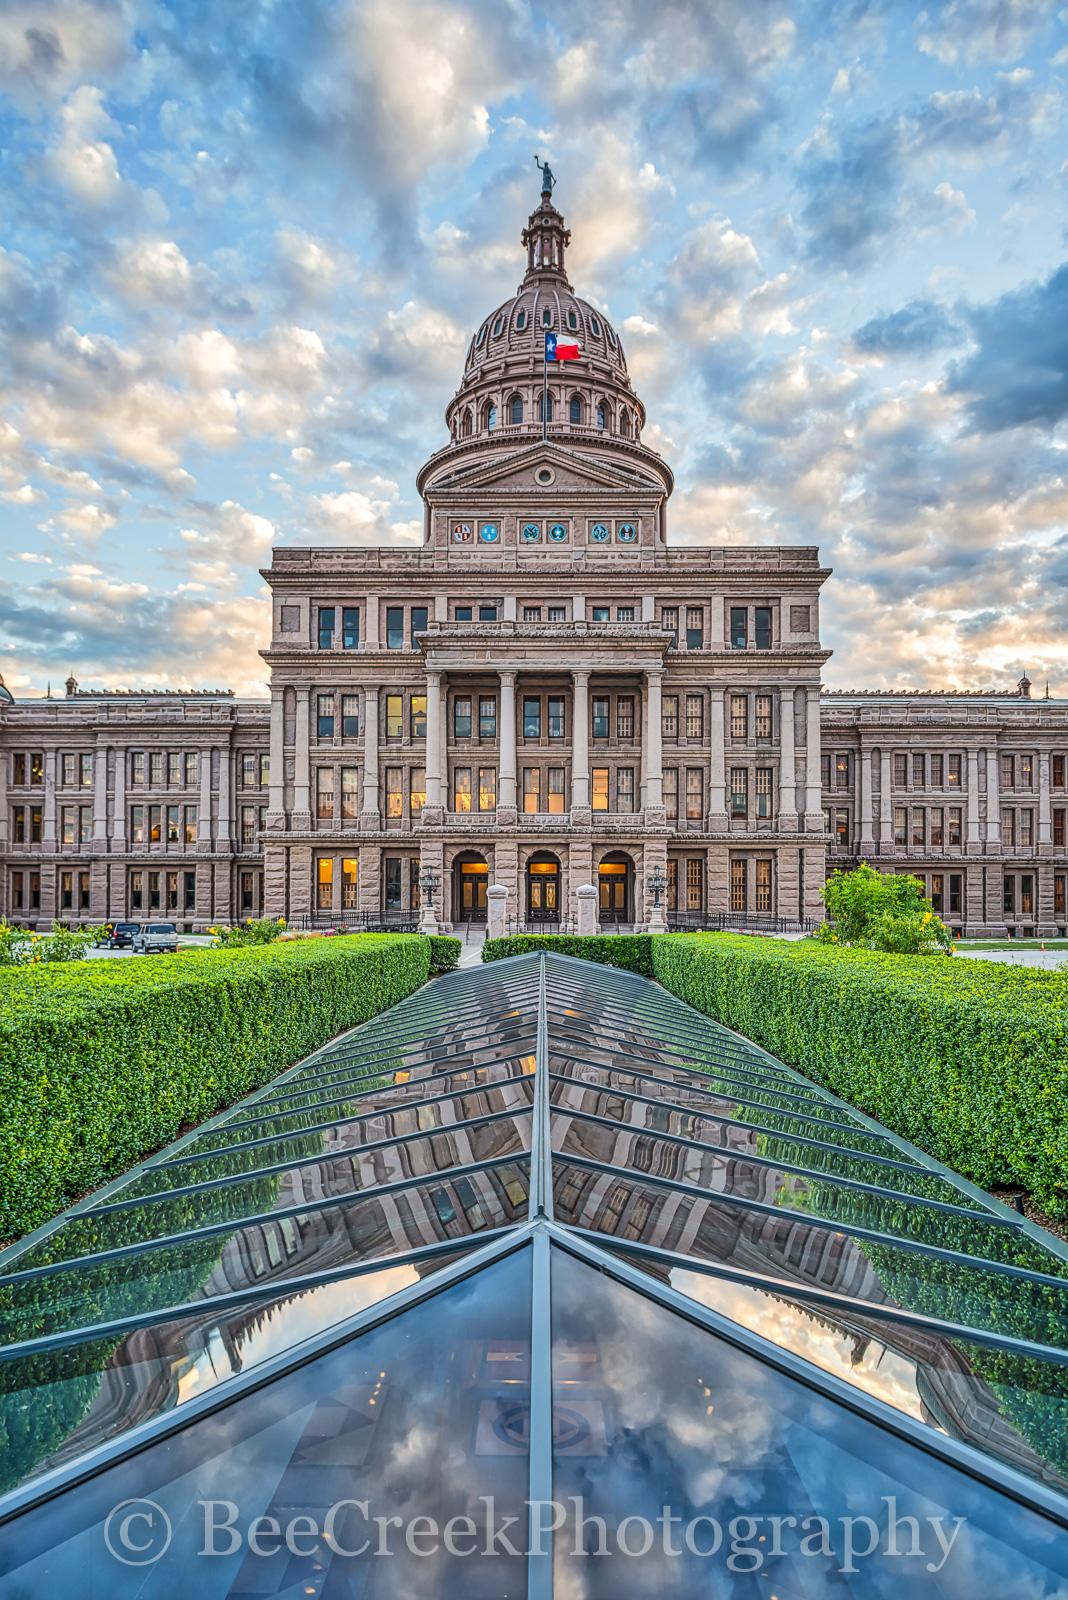 Austin, Capitol, Greek Renaissance, Texas Capitol, Texas Capital, Texas State Capitol,  skylight, architectural, architecture, cities, city, cityscape, cityscapes, clouds,, photo